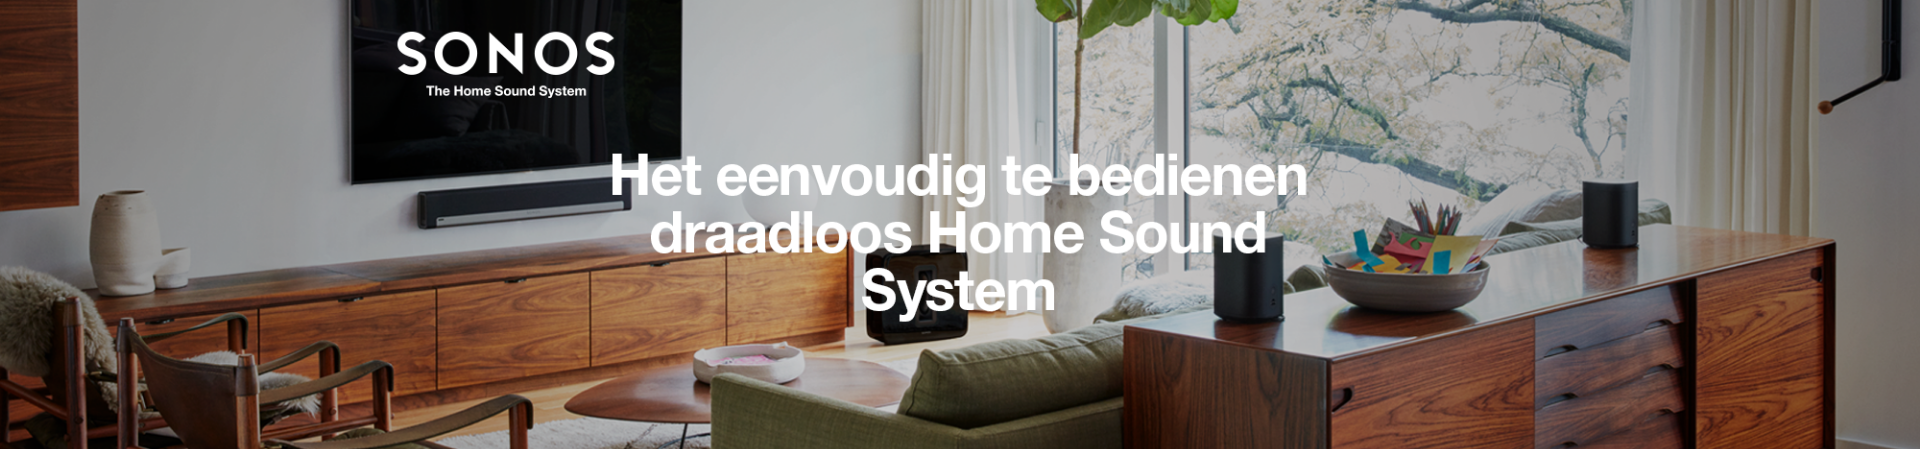 Sonos: The Home Sound System